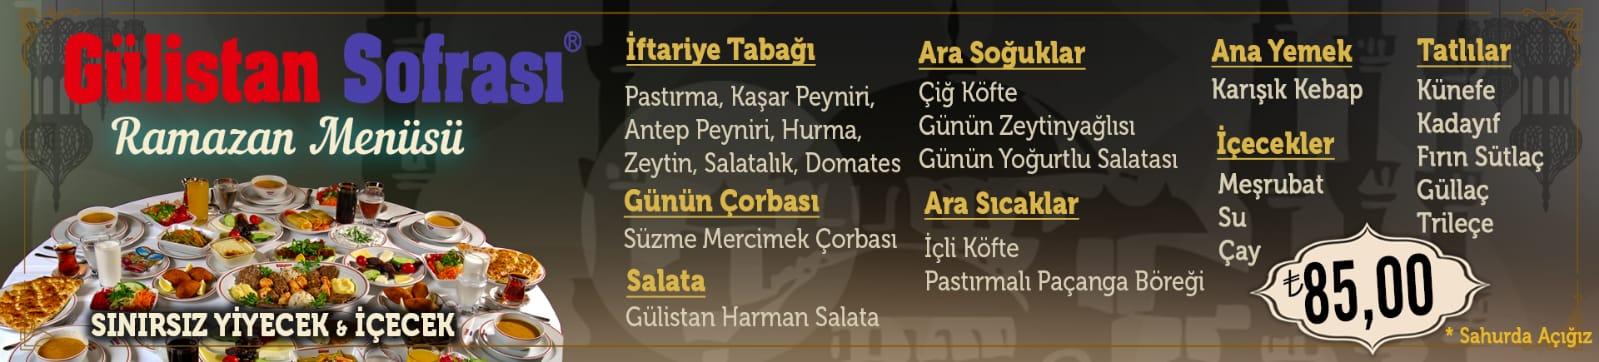 gülistan sofrası pendik istanbul ramazan 2019 iftar ve sahur menüleri